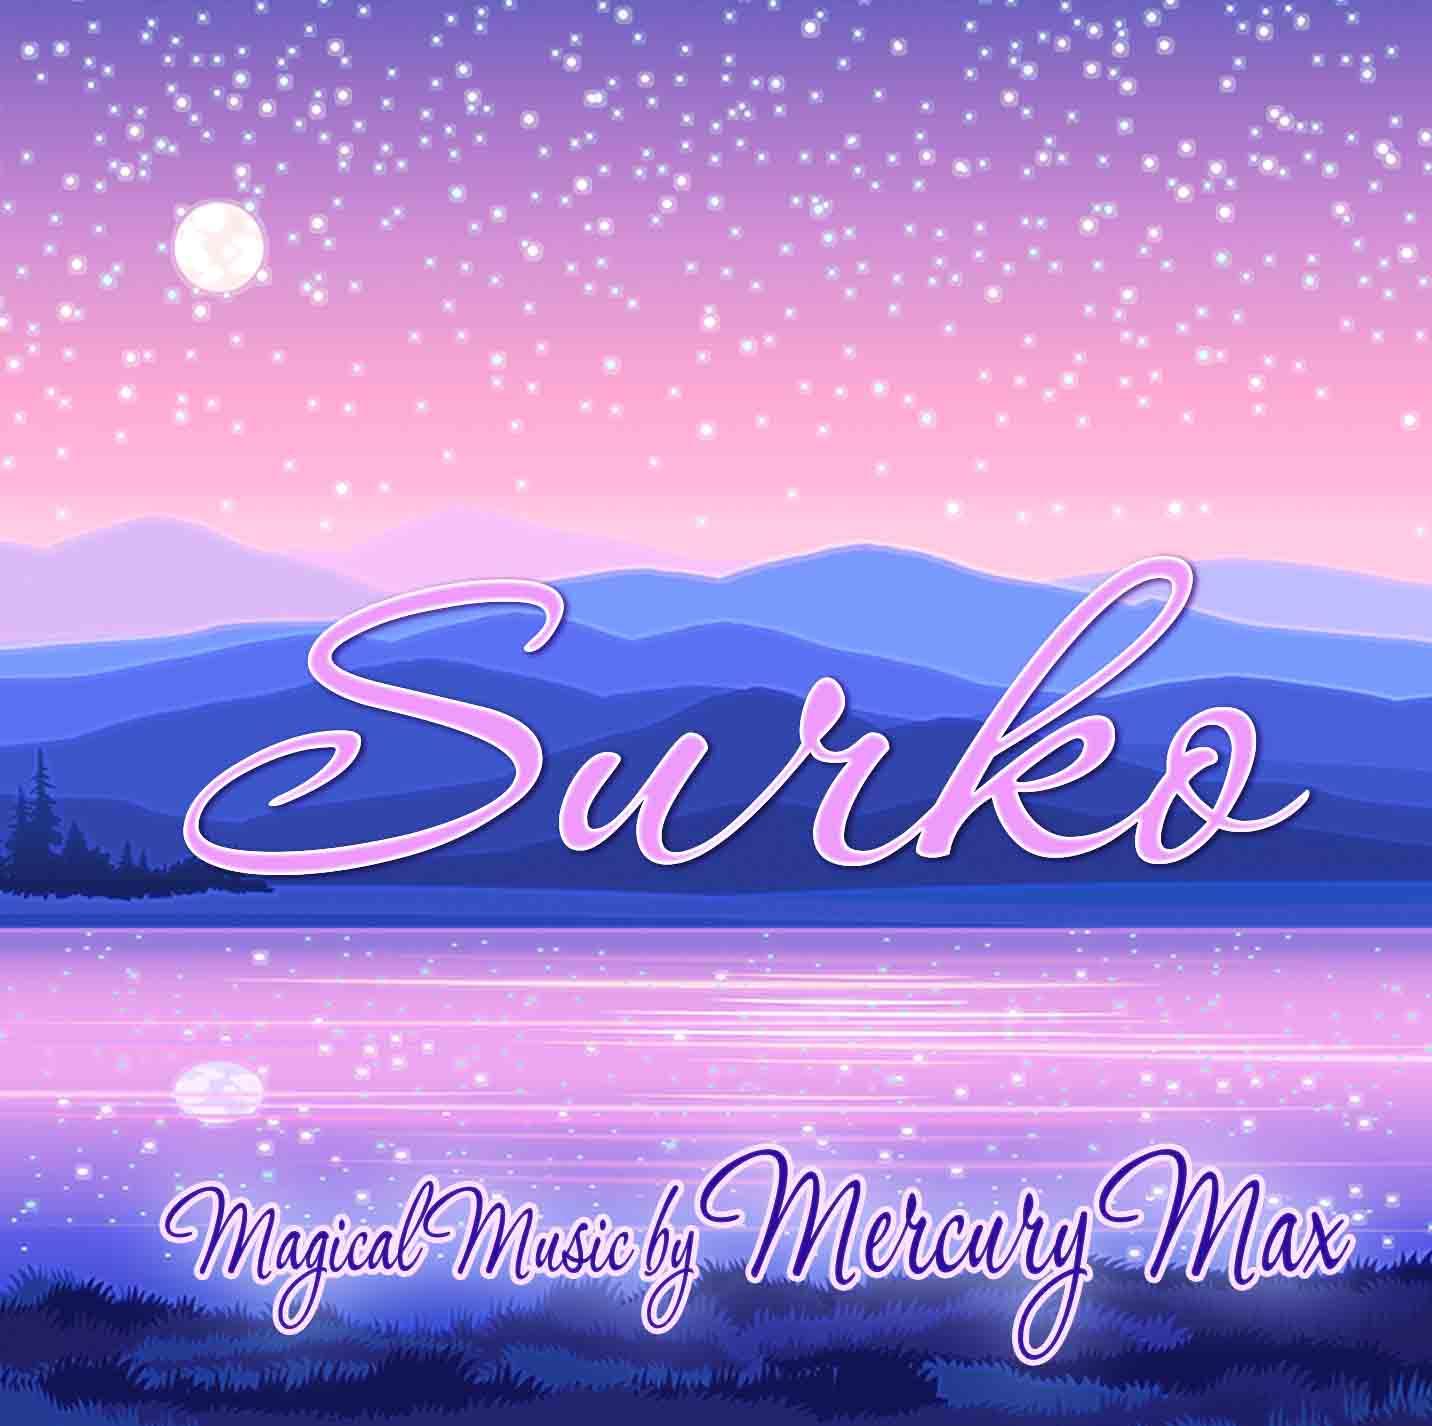 Surko CD by Mercury Max